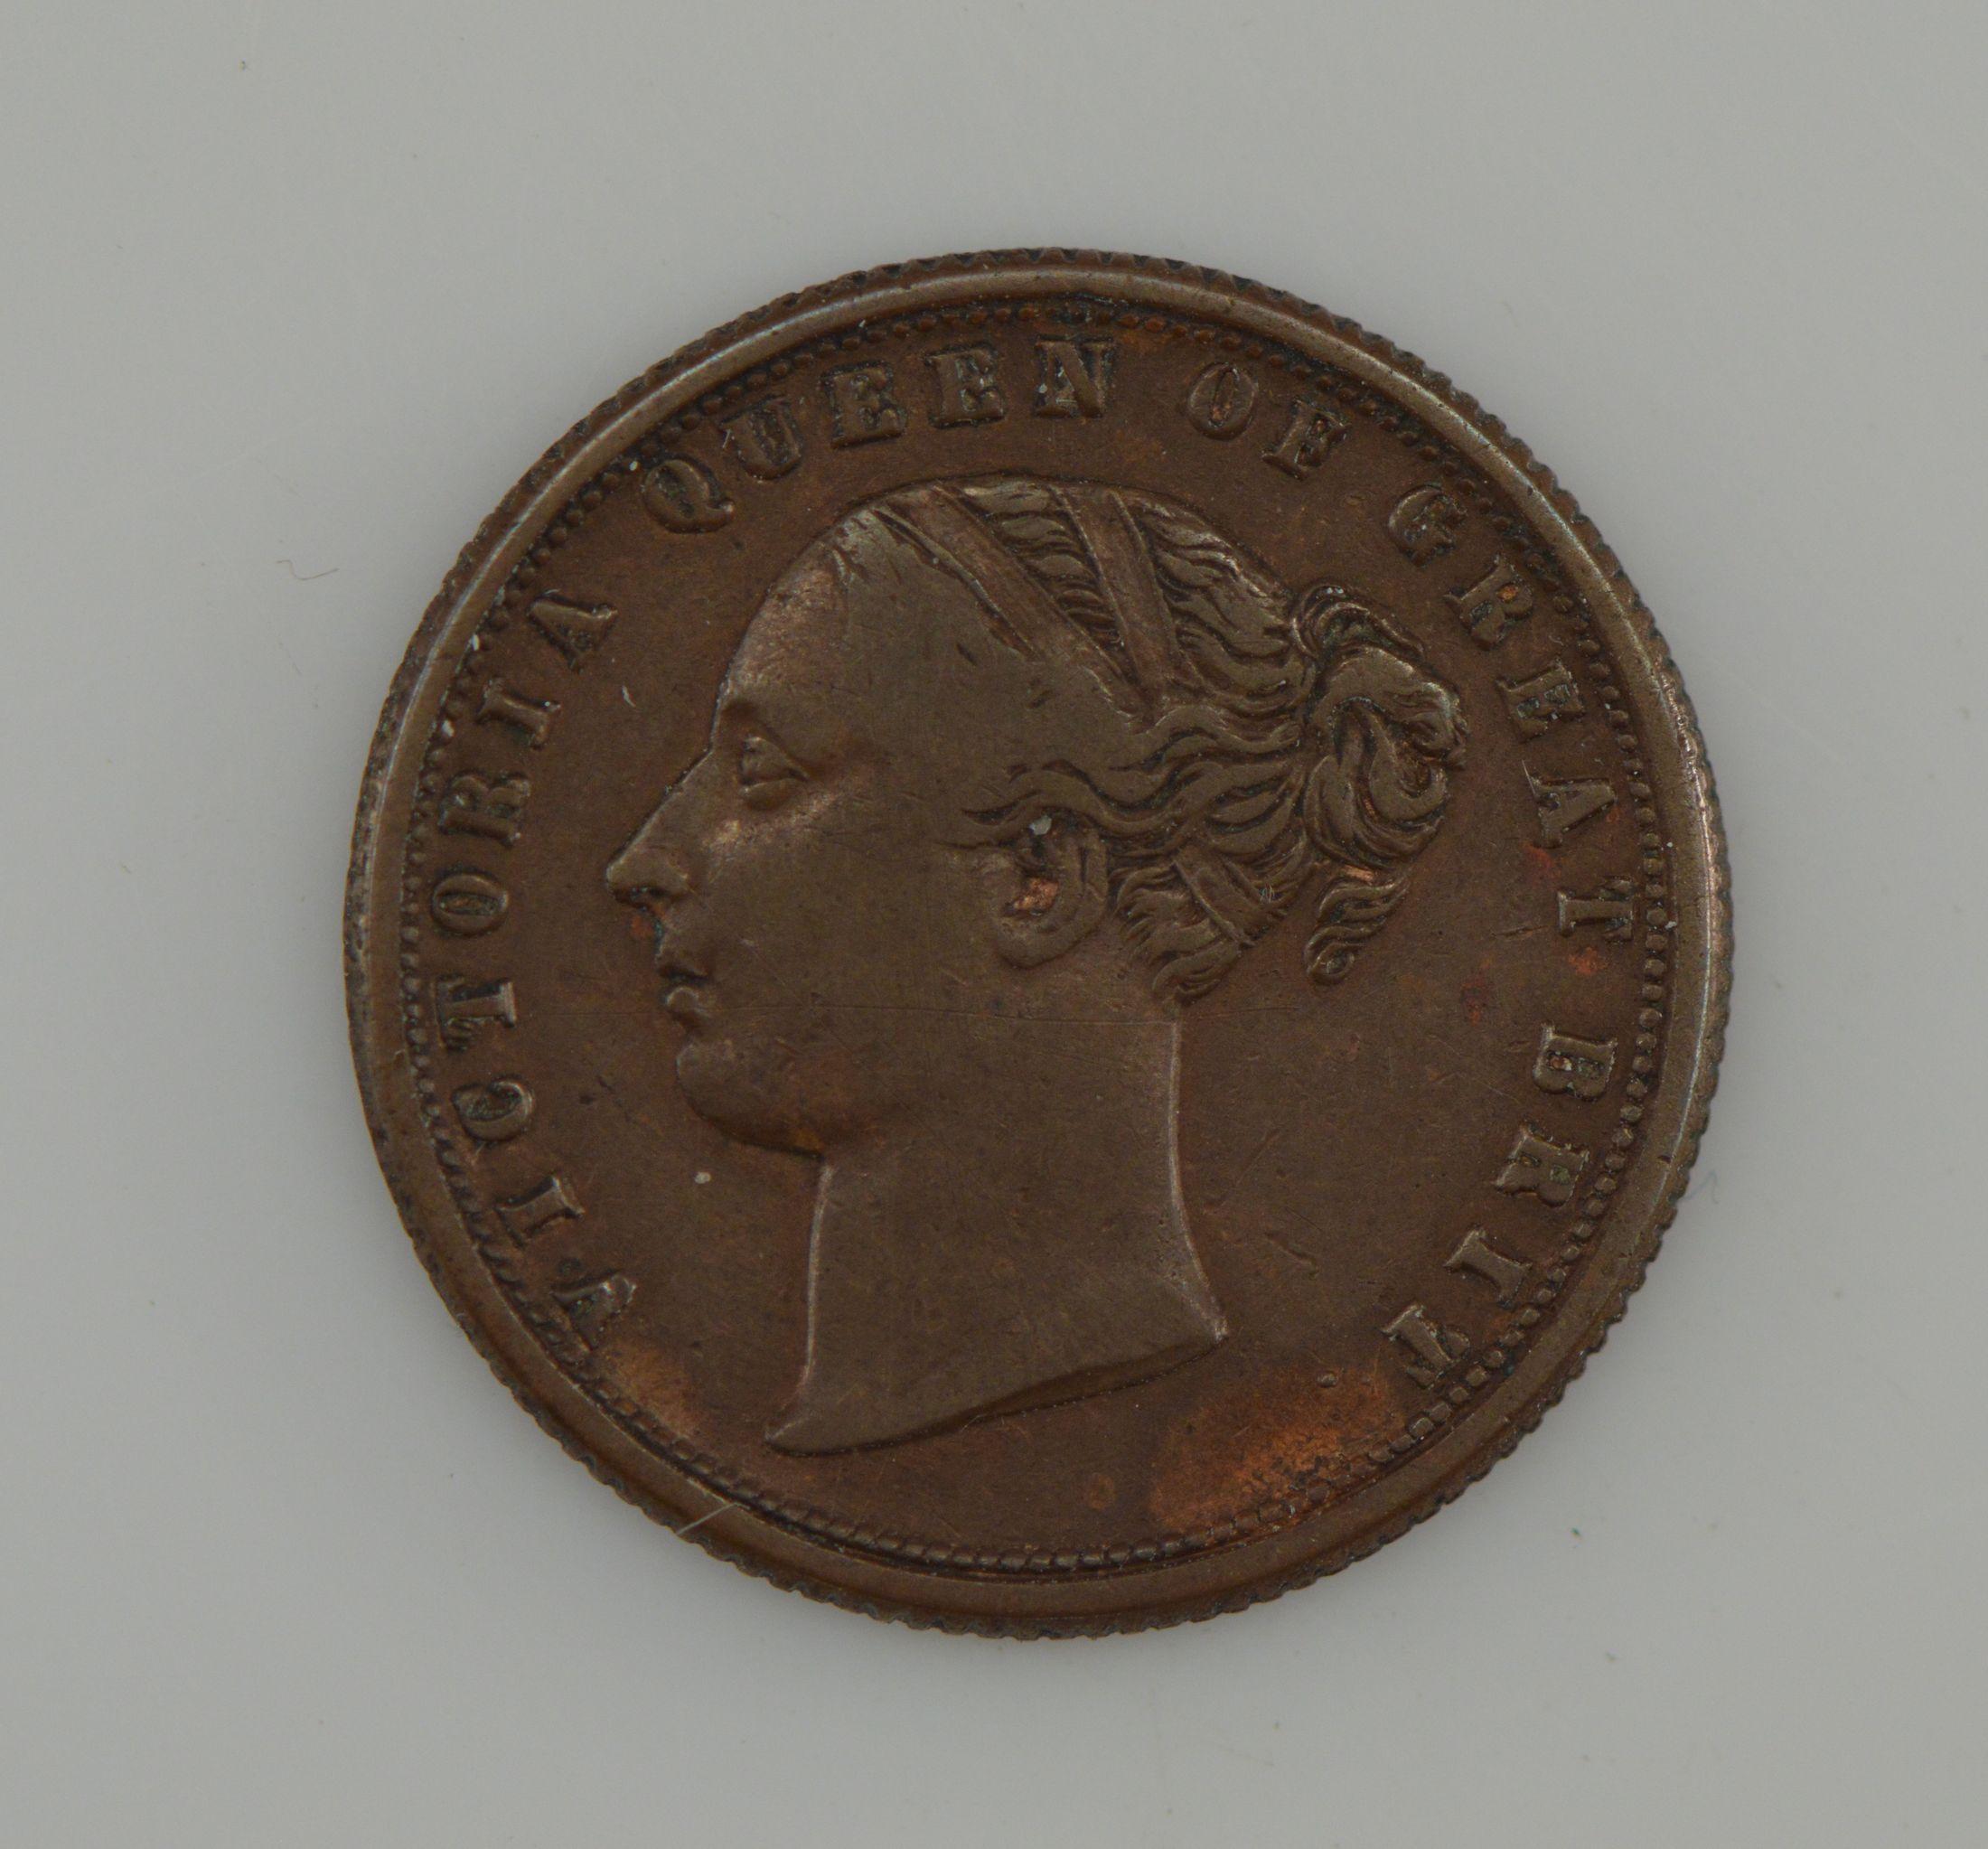 1837 Great Britain Token